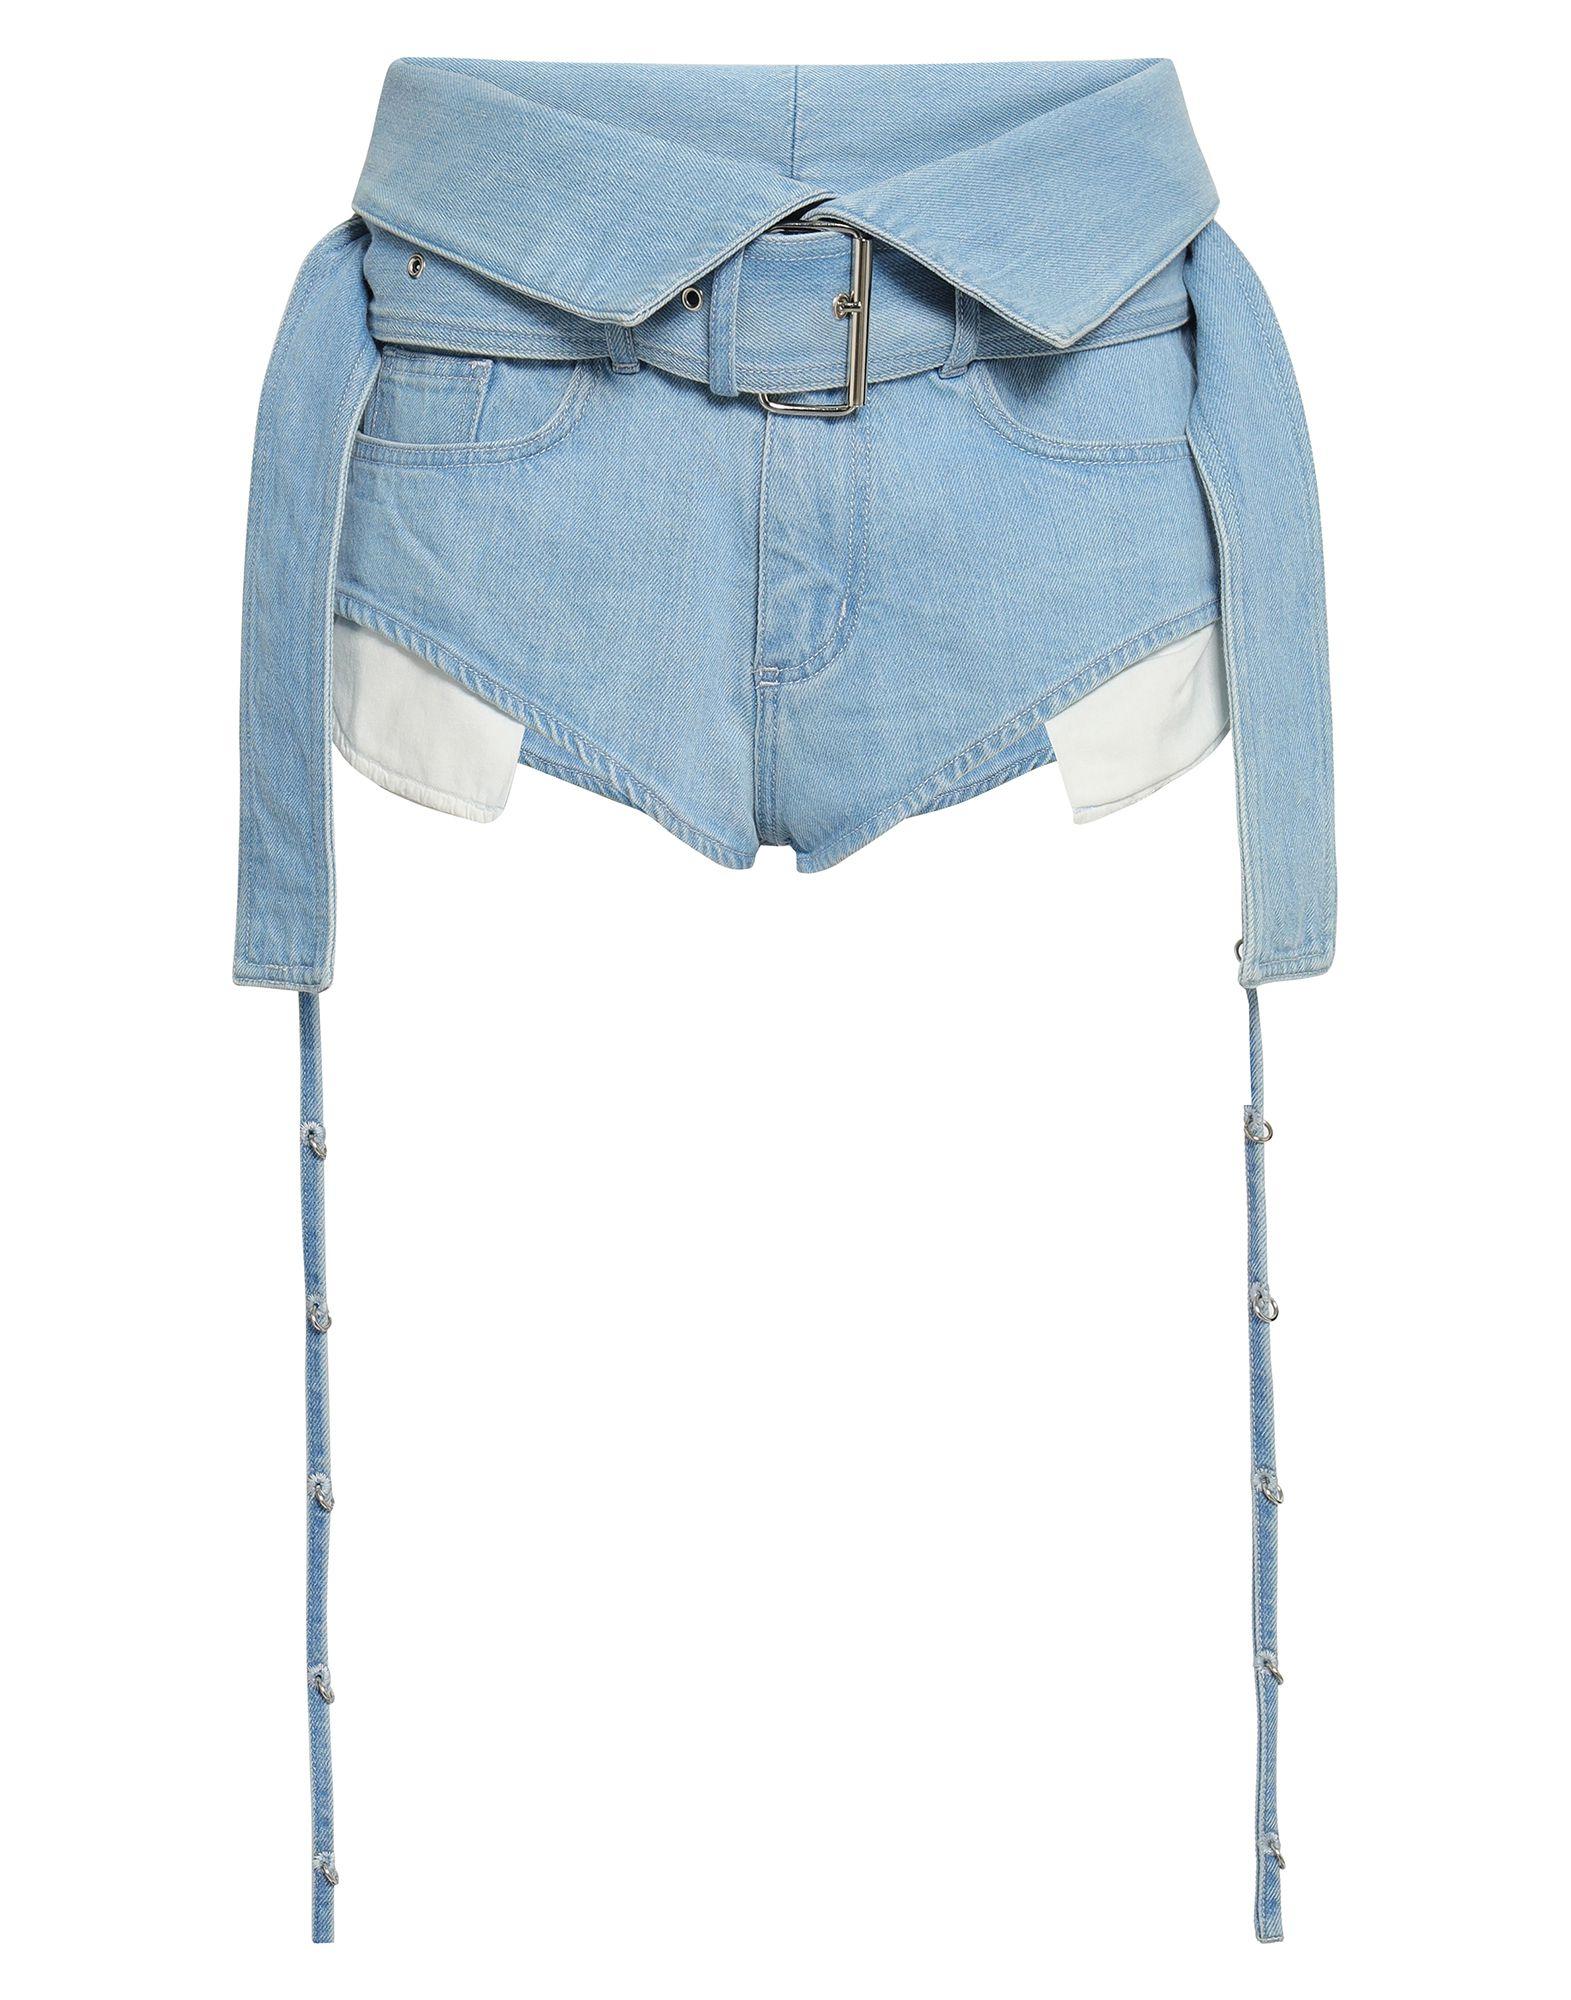 MARQUES' ALMEIDA Джинсовые шорты marques almeida джинсовые шорты